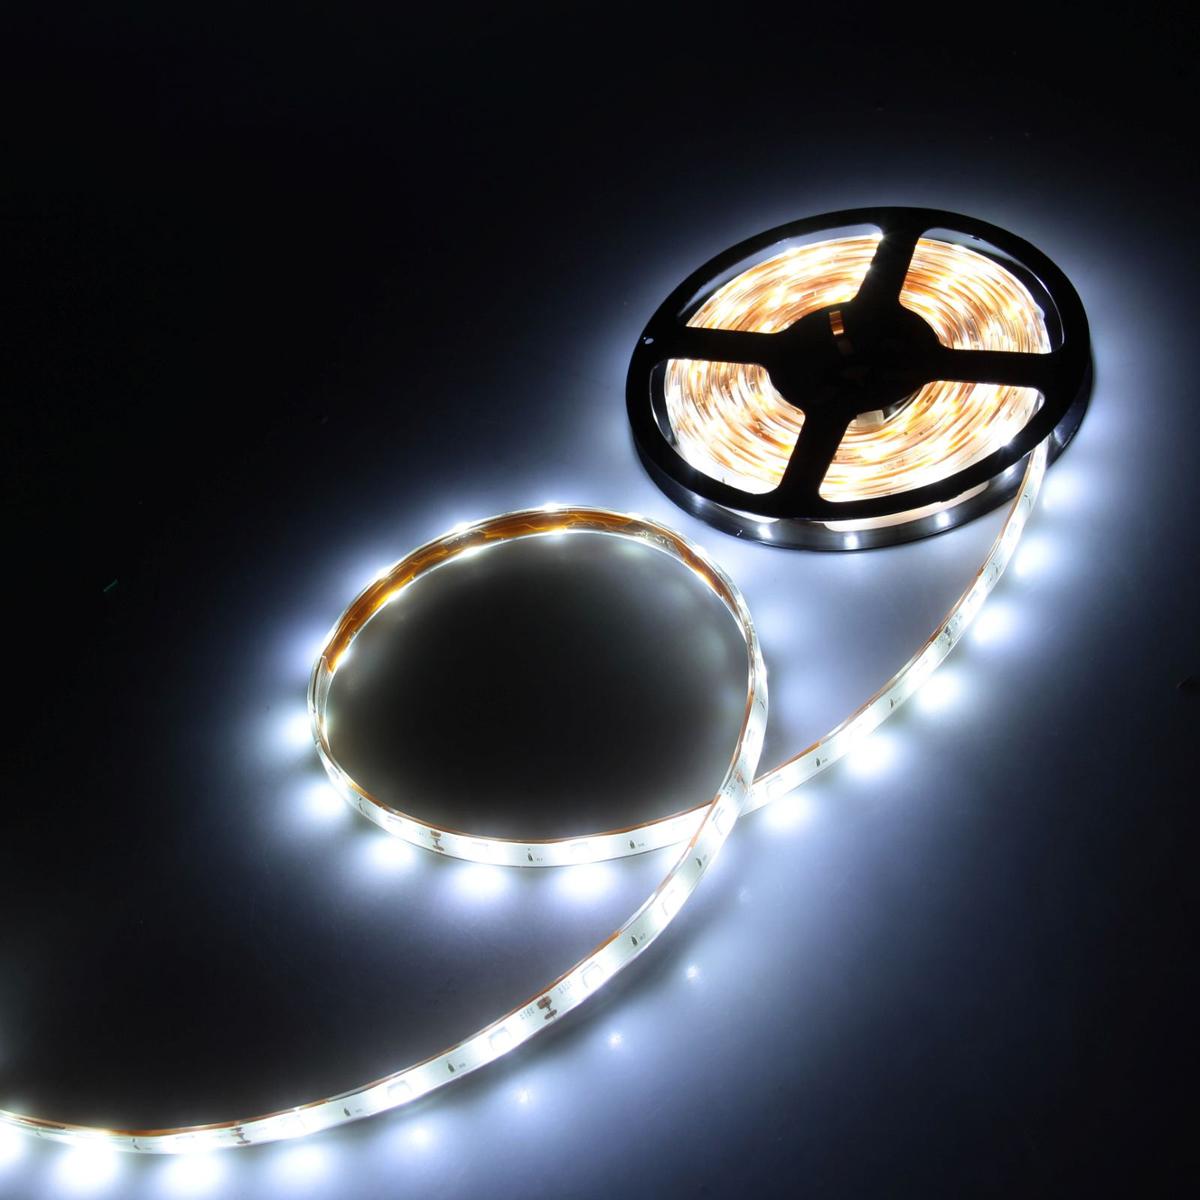 Светодиодная лента Luazon, 12В, SMD5050, длина 5 м, IP68, 30 LED ламп, 7.2 Вт/м, 14-16 Лм/1 LED, DC, цвет: белый883935Светодиодные гирлянды, ленты и т.д — это отличный вариант для новогоднего оформления интерьера или фасада. С их помощью помещение любого размера можно превратить в праздничный зал, а внешние элементы зданий, украшенные ими, мгновенно станут напоминать очертания сказочного дворца. Такие украшения создают ауру предвкушения чуда. Деревья, фасады, витрины, окна и арки будто специально созданы, чтобы вы украсили их светящимися нитями.